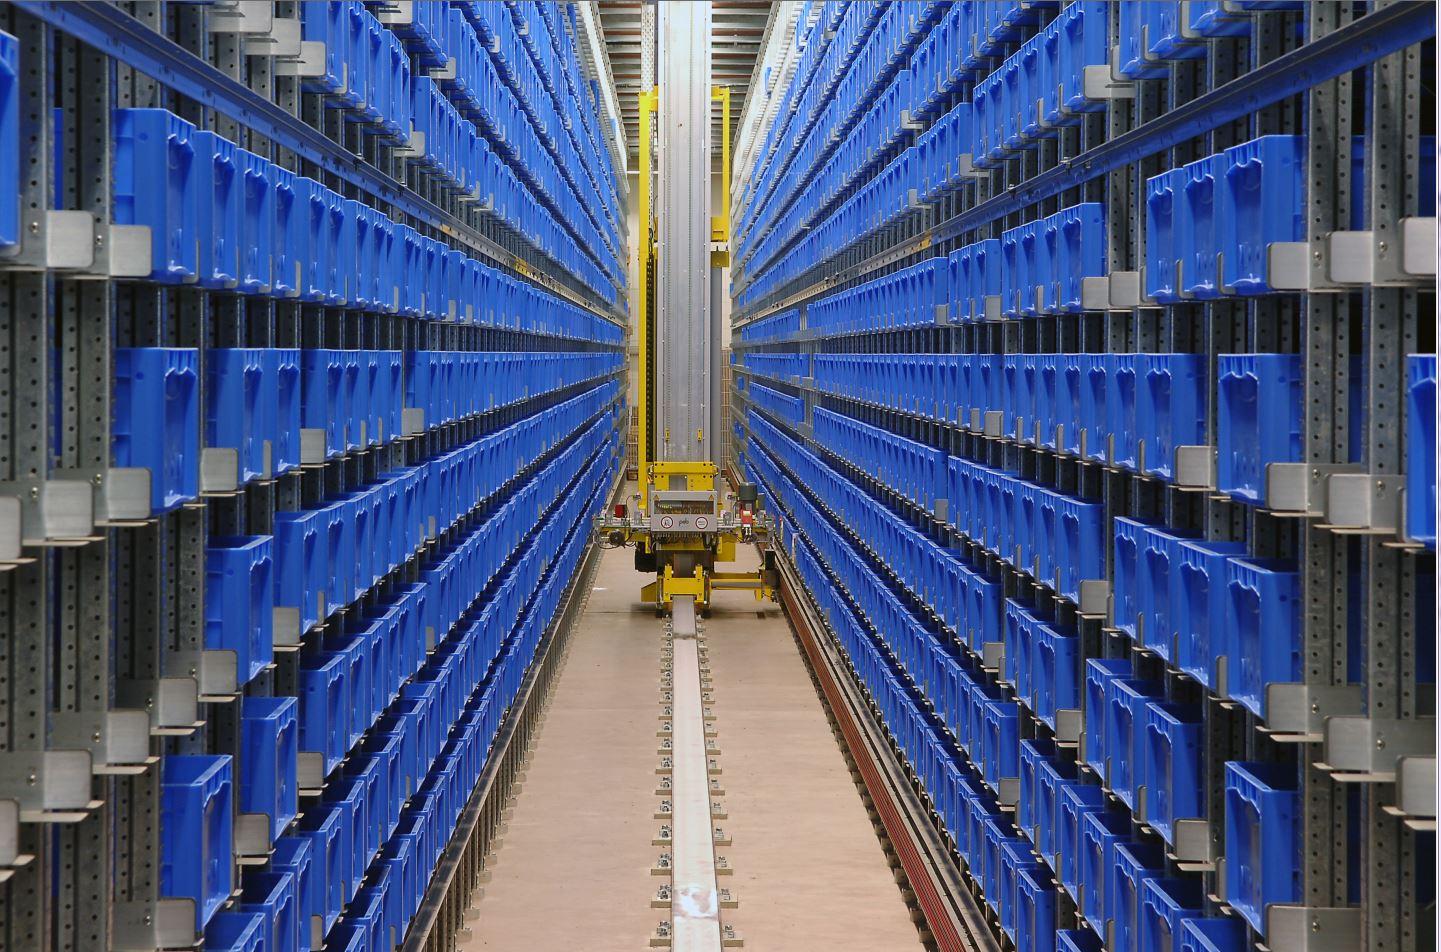 Im Verbund stark: Erfolgreiche Gesch#xE4ftsentwicklung der Co-med f#xFChrt zur Erweiterung des Logistikzentrums